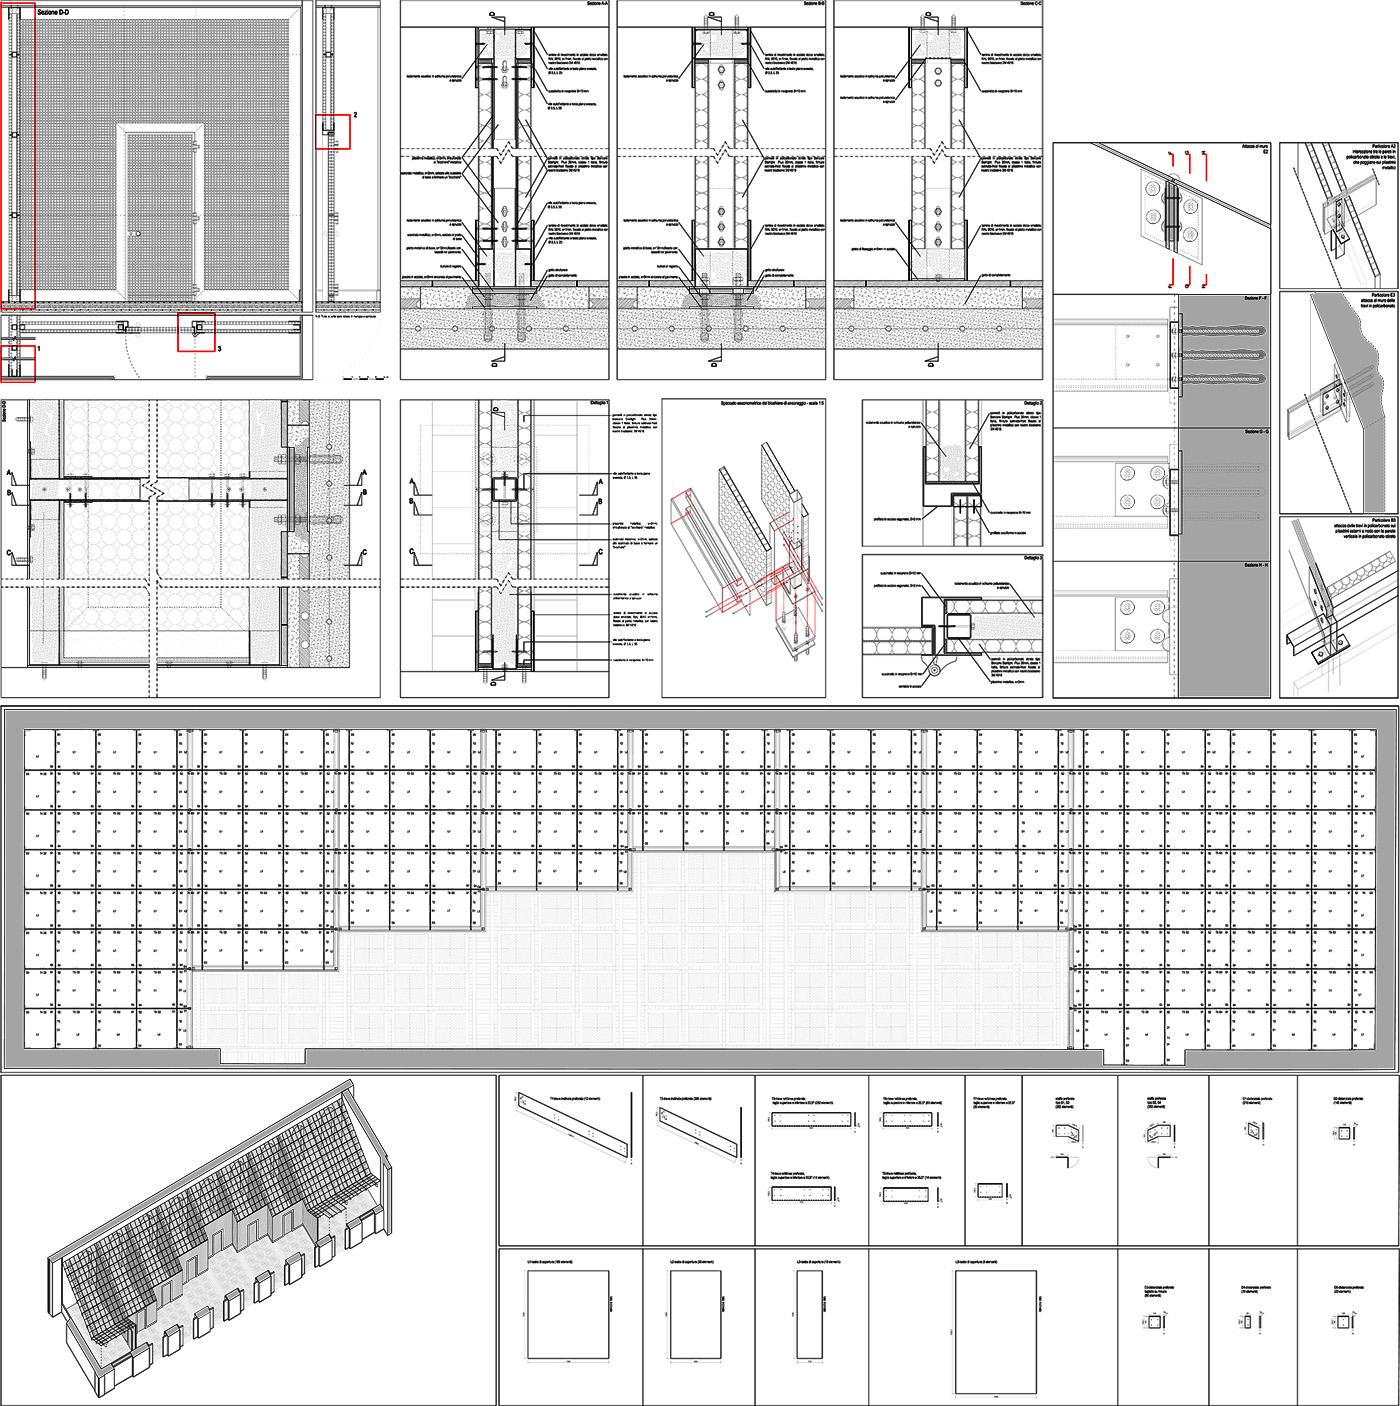 Restauro e trasformazione in uffici di un palazzo ottocentesco. Disegni costruttivi delle pareti e dei dettagli, studiati ad hoc | Bottega di Architettura